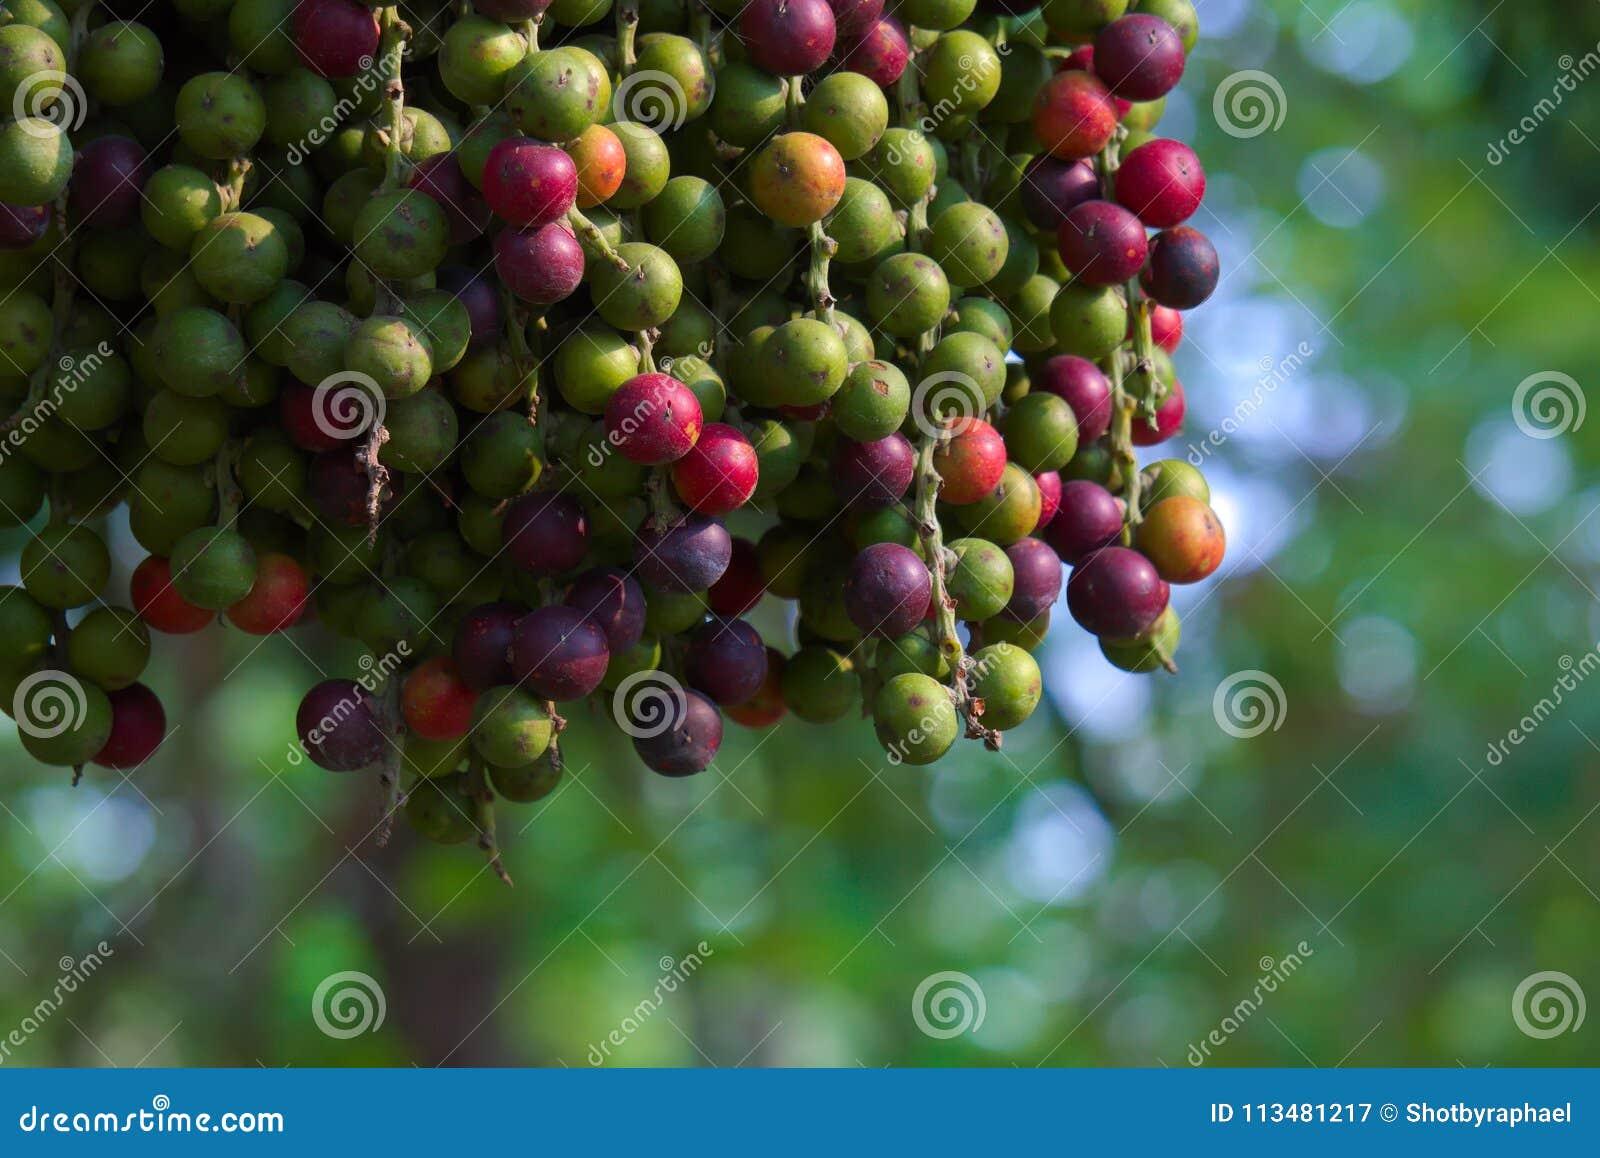 Den ovanligt härliga platsen av en hängande grupp av lilor och gräsplan gömma i handflatan frukter, med en fokal- bokehbakgrund,